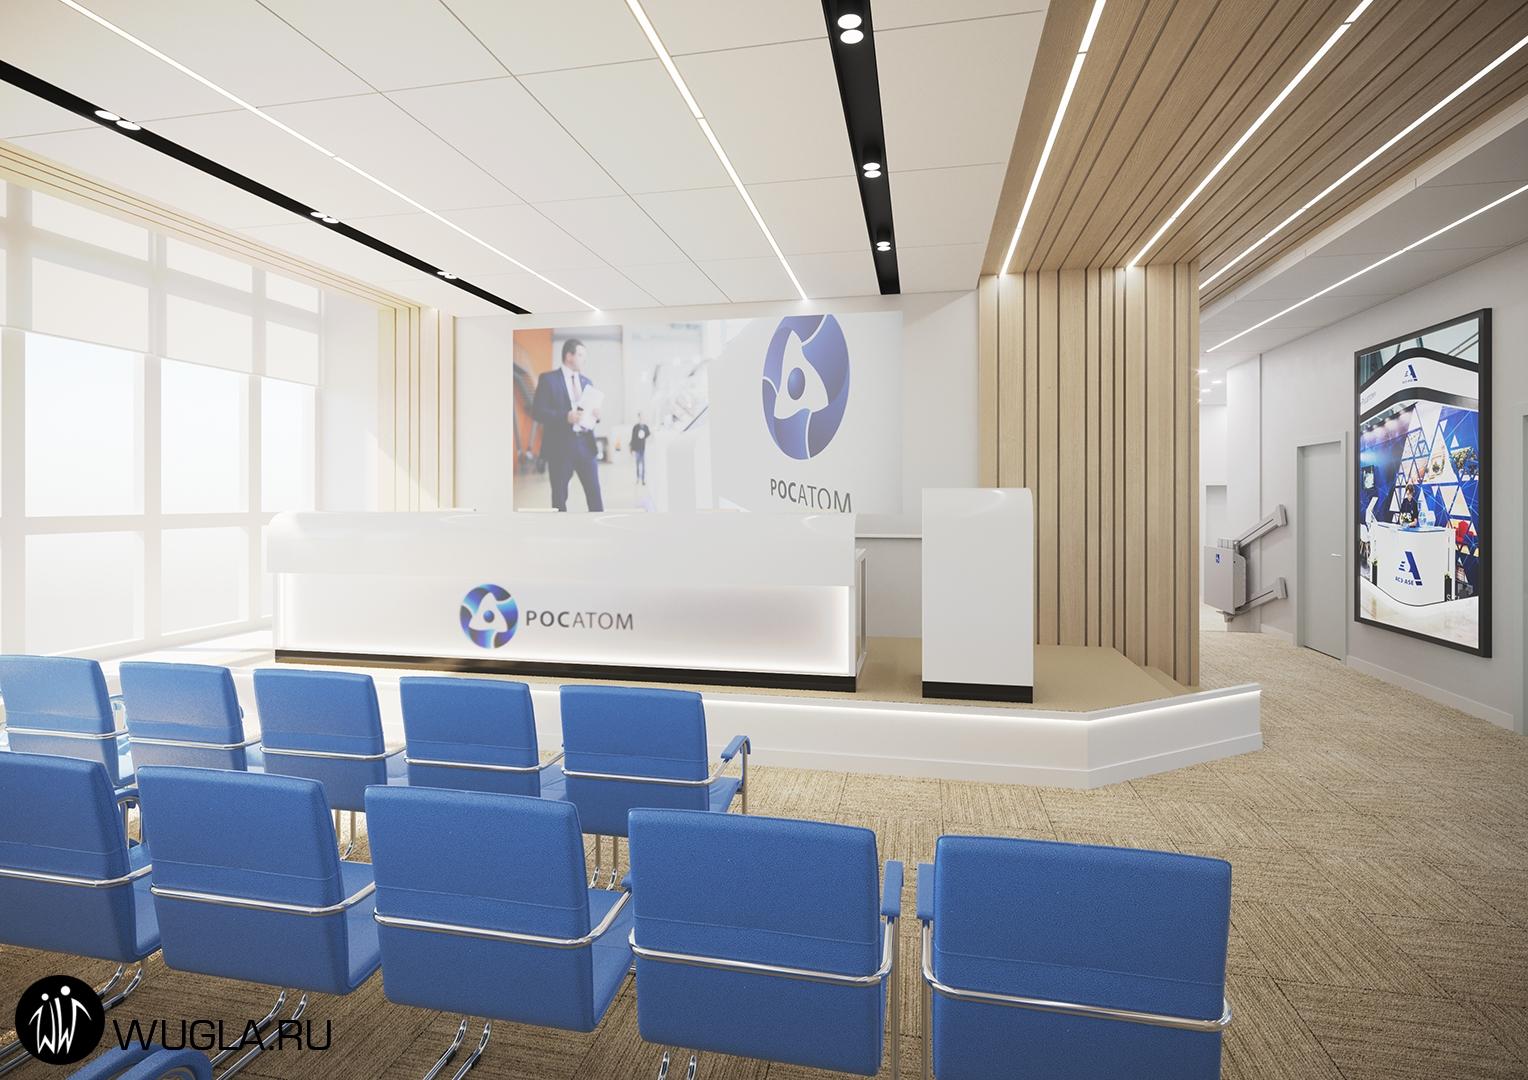 Москва. Визуализация конференц-зала и переговорной.